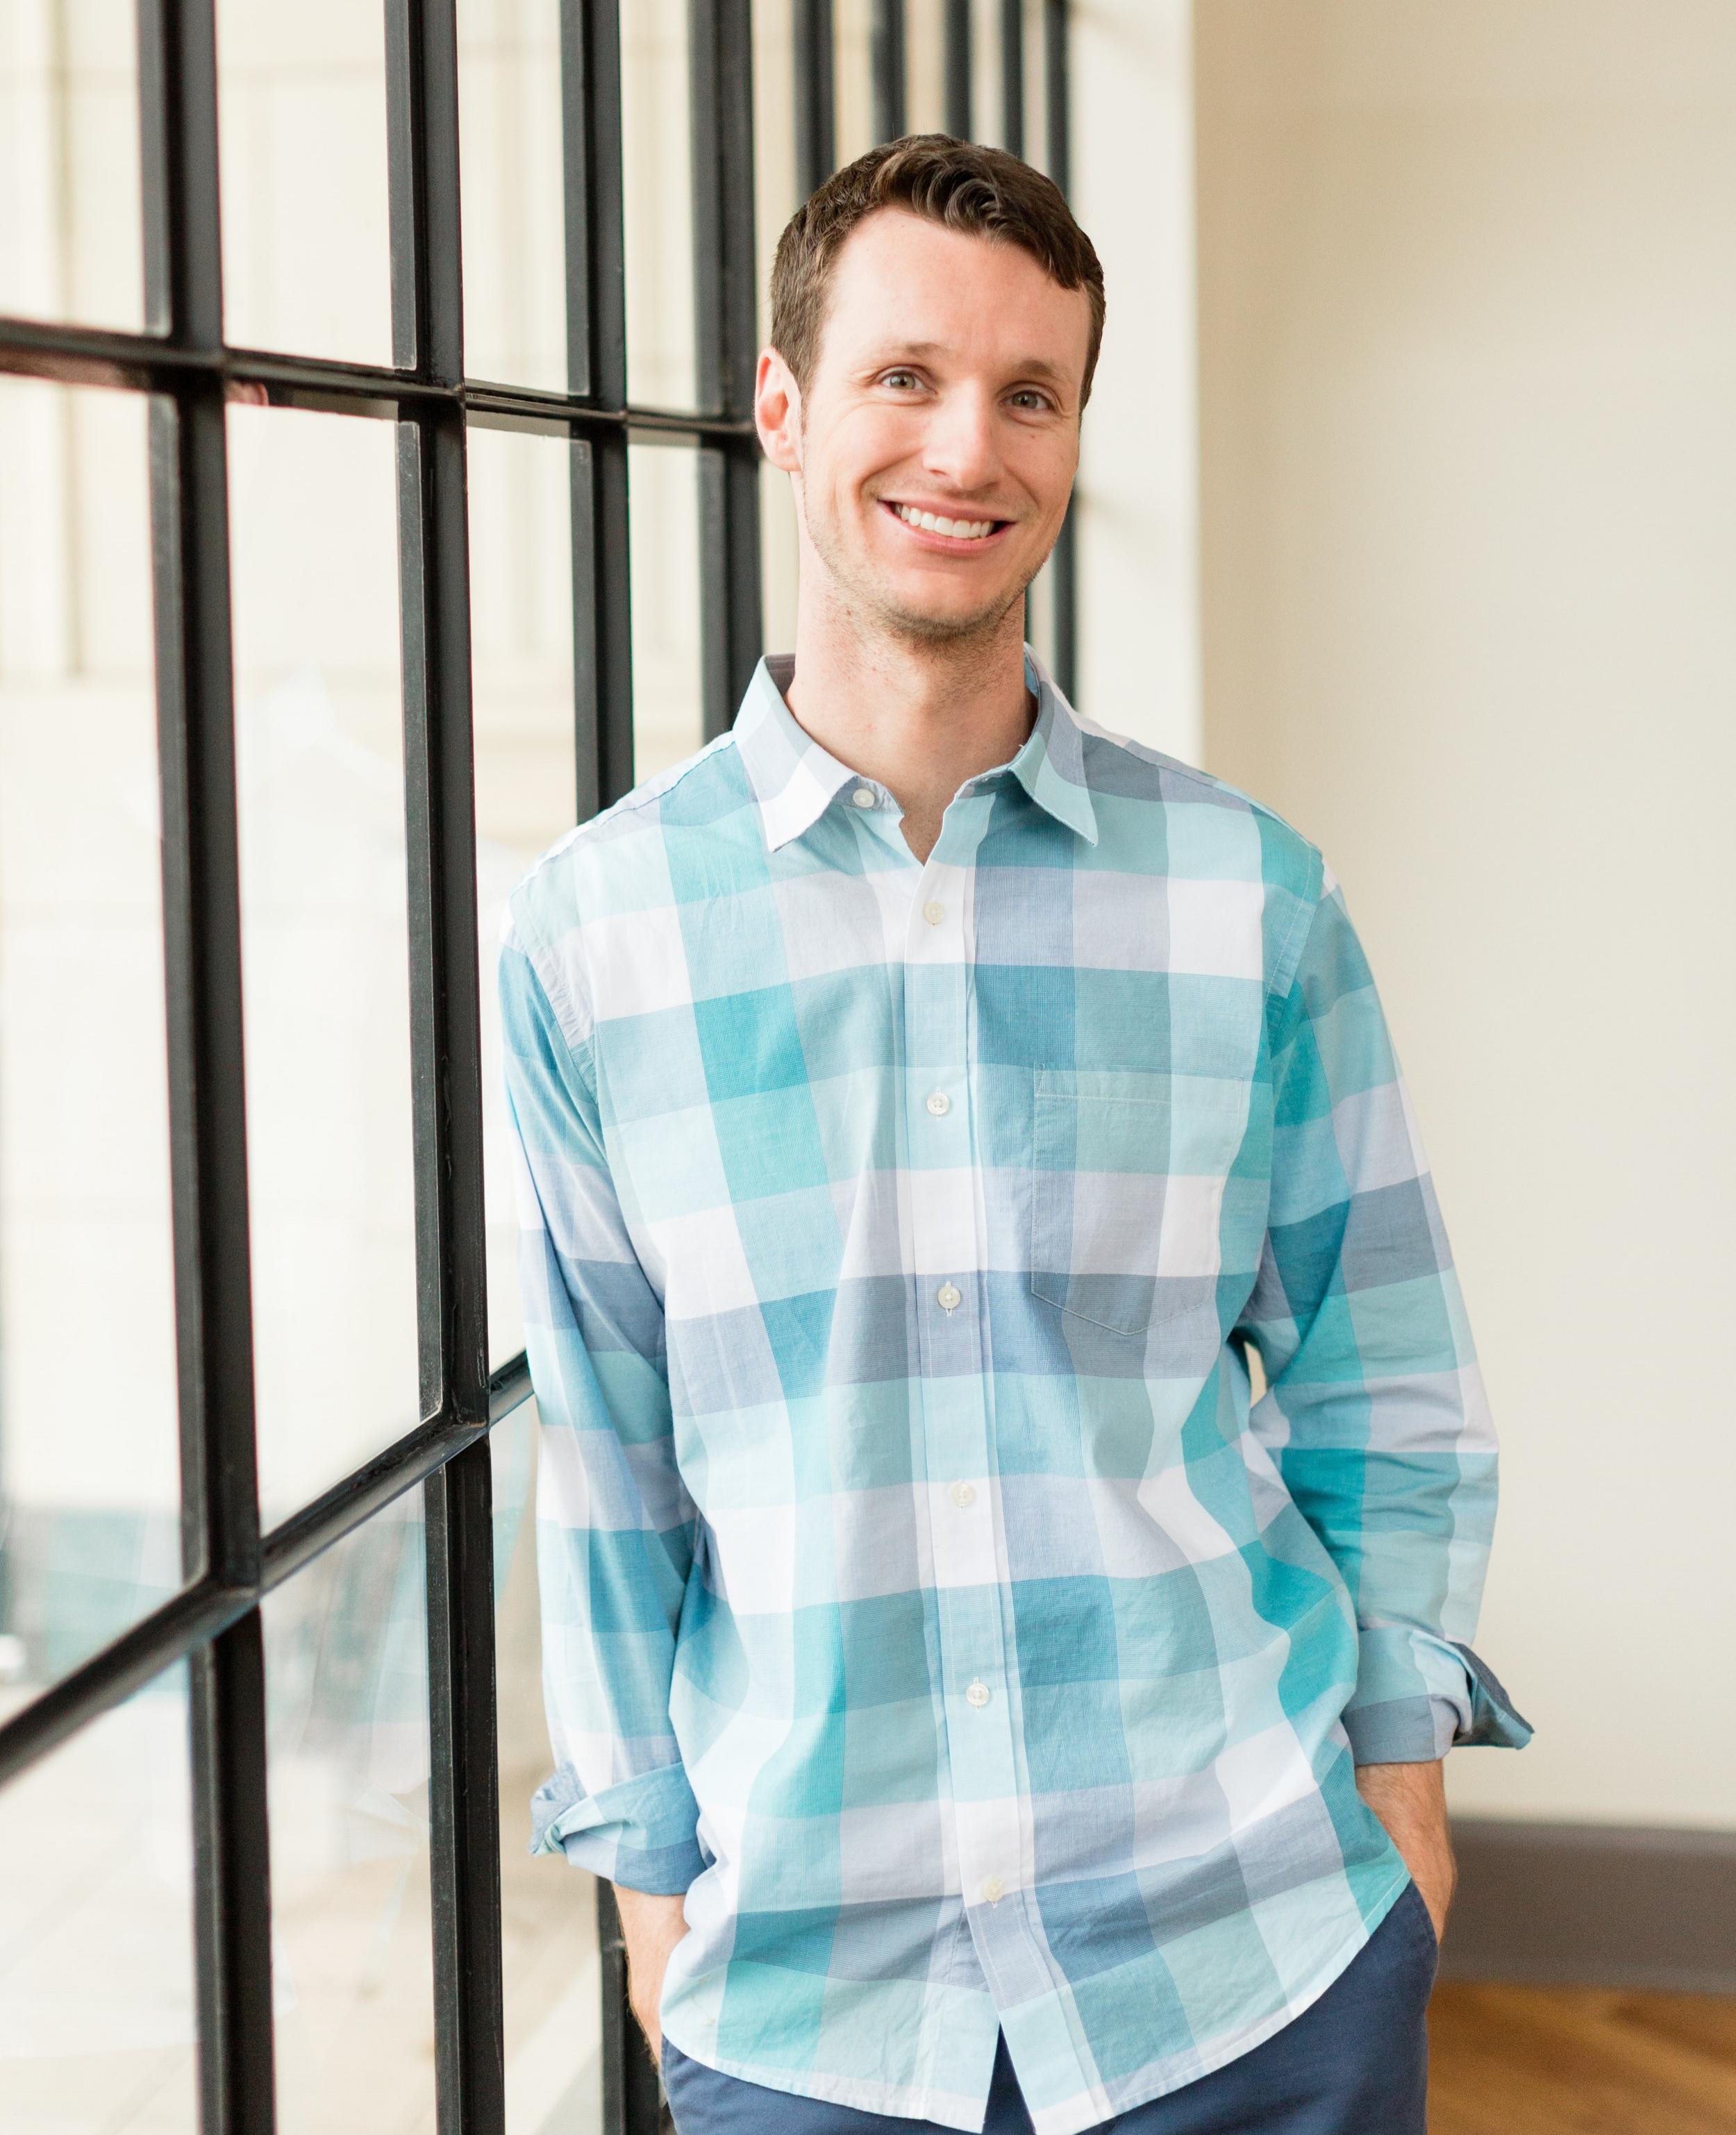 Dr. Ben Samuelson | Samuelson Orthodontics | Orthodontist in Hoover, AL